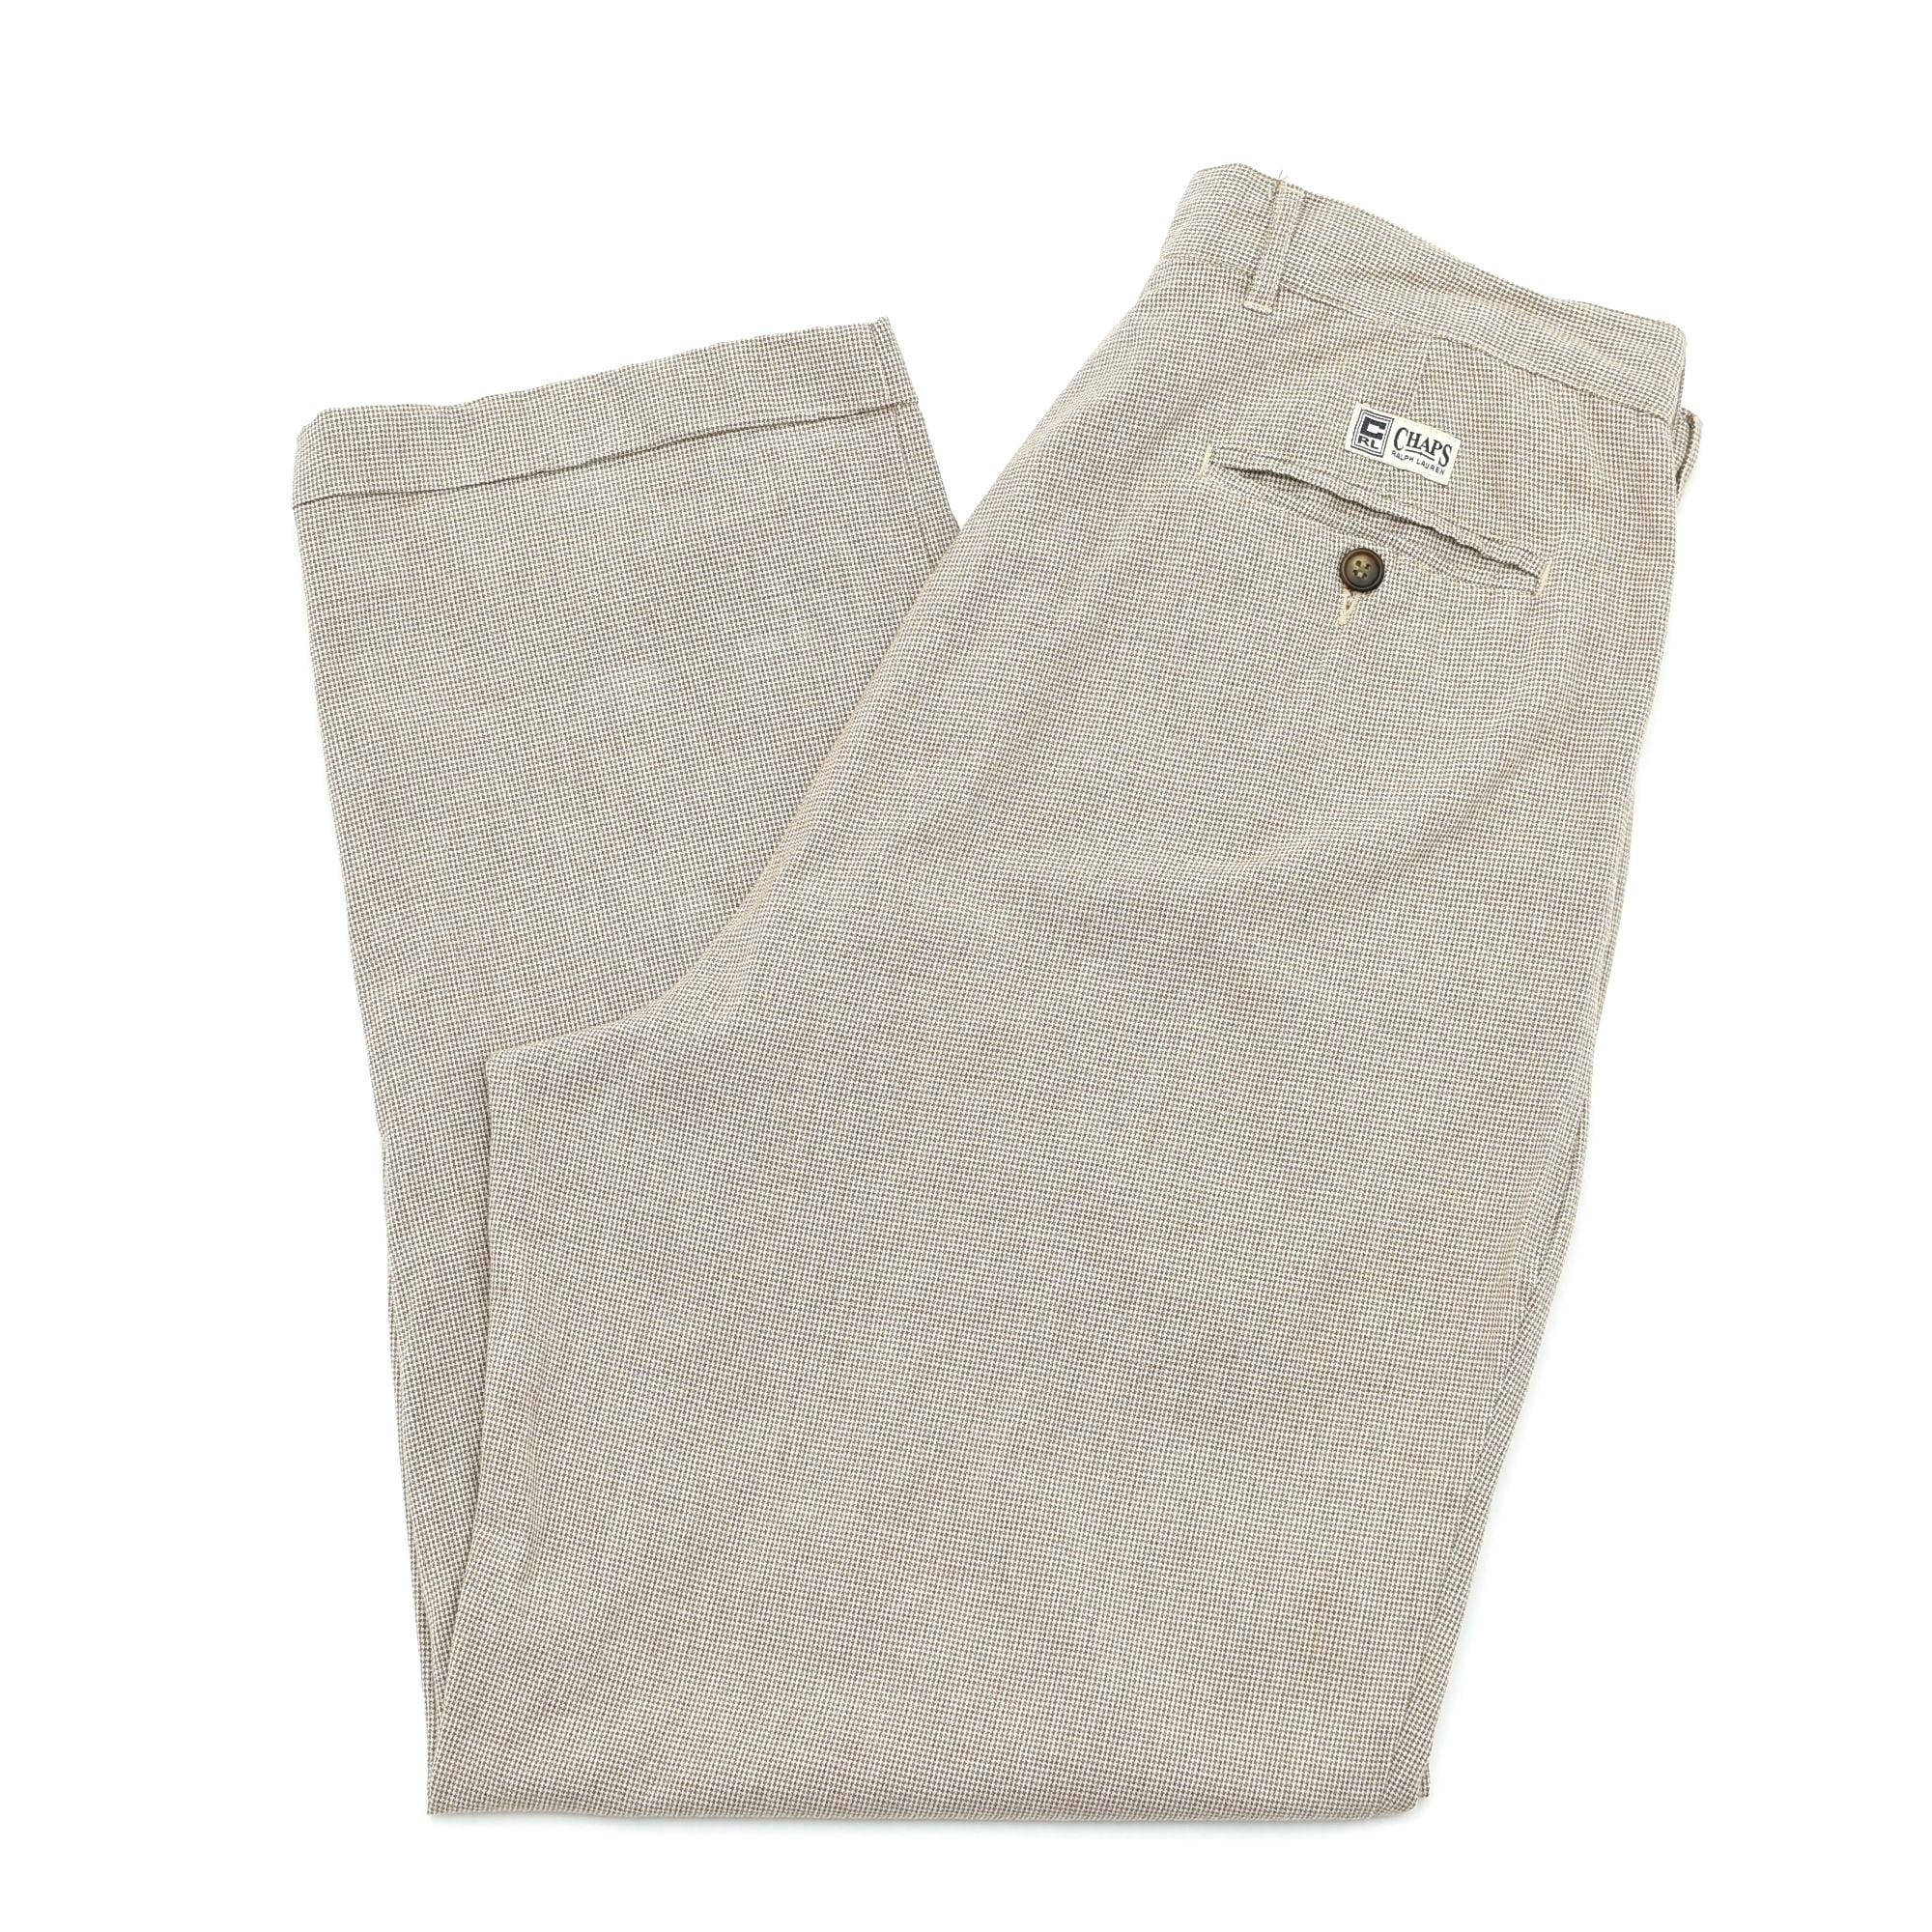 90's CHAPS Ralph Lauren check pants